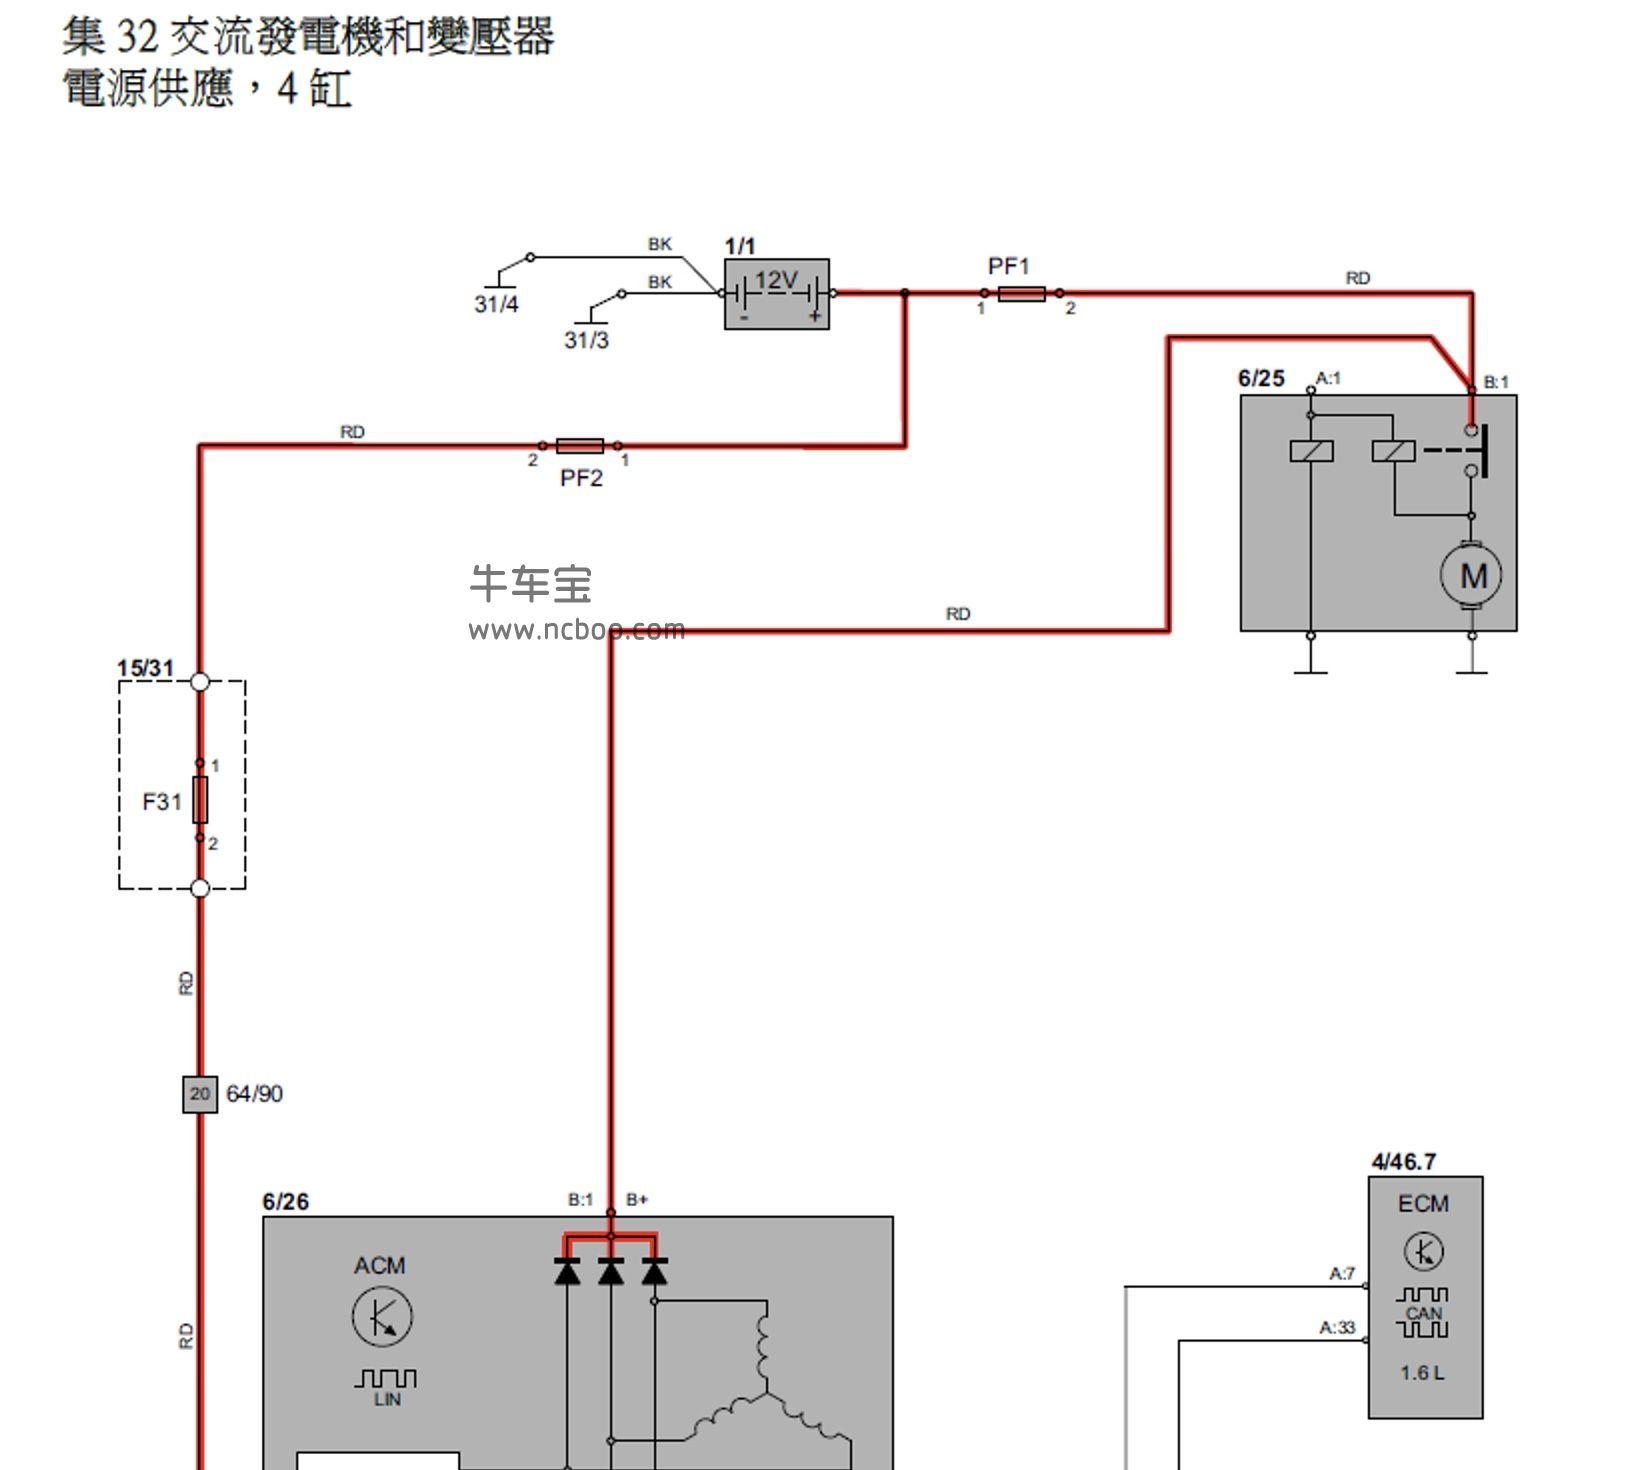 2008款沃尔沃s40_v50_c70电路图手册资料下载